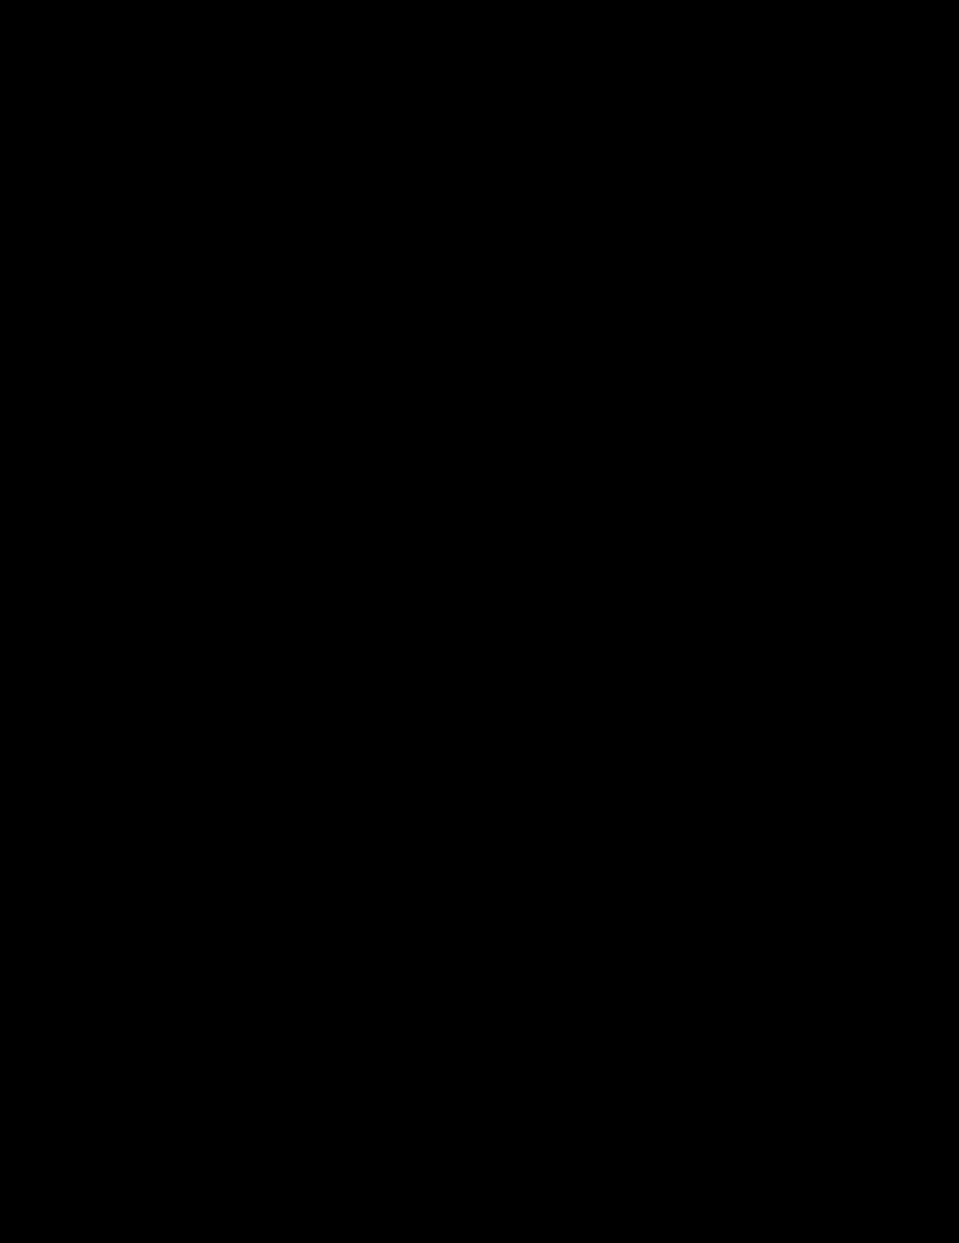 上册版乘法六人教年级第一树林分数单元教案秋天教案数学v上册中班图片